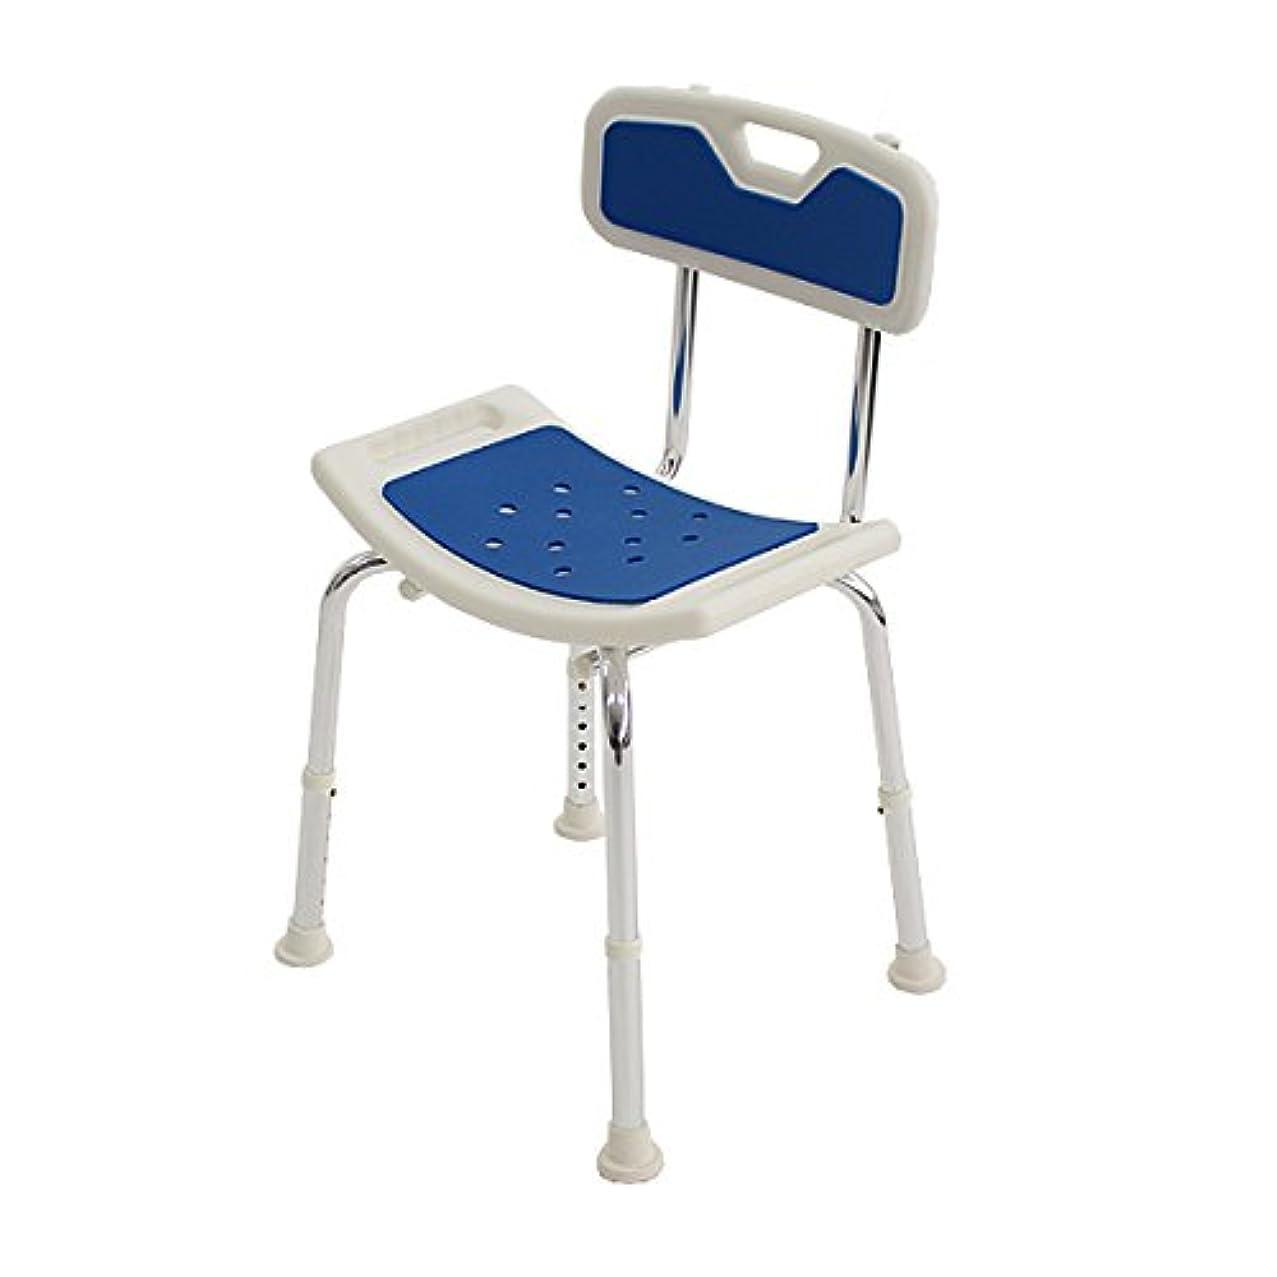 瞑想する道徳バストシャワーチェア シャワーベンチ シャワーステップ 背もたれ付き アルミ製 高さ調整 6段階高さ調整 座部横幅約51cm ワイドな横幅 座部奥行約31cm ワイドな奥行 柔らかクッション付き 福祉 介護 風呂 浴室 バス 椅子 イス 耐荷重150kg W53.5×D47×H82 jb02